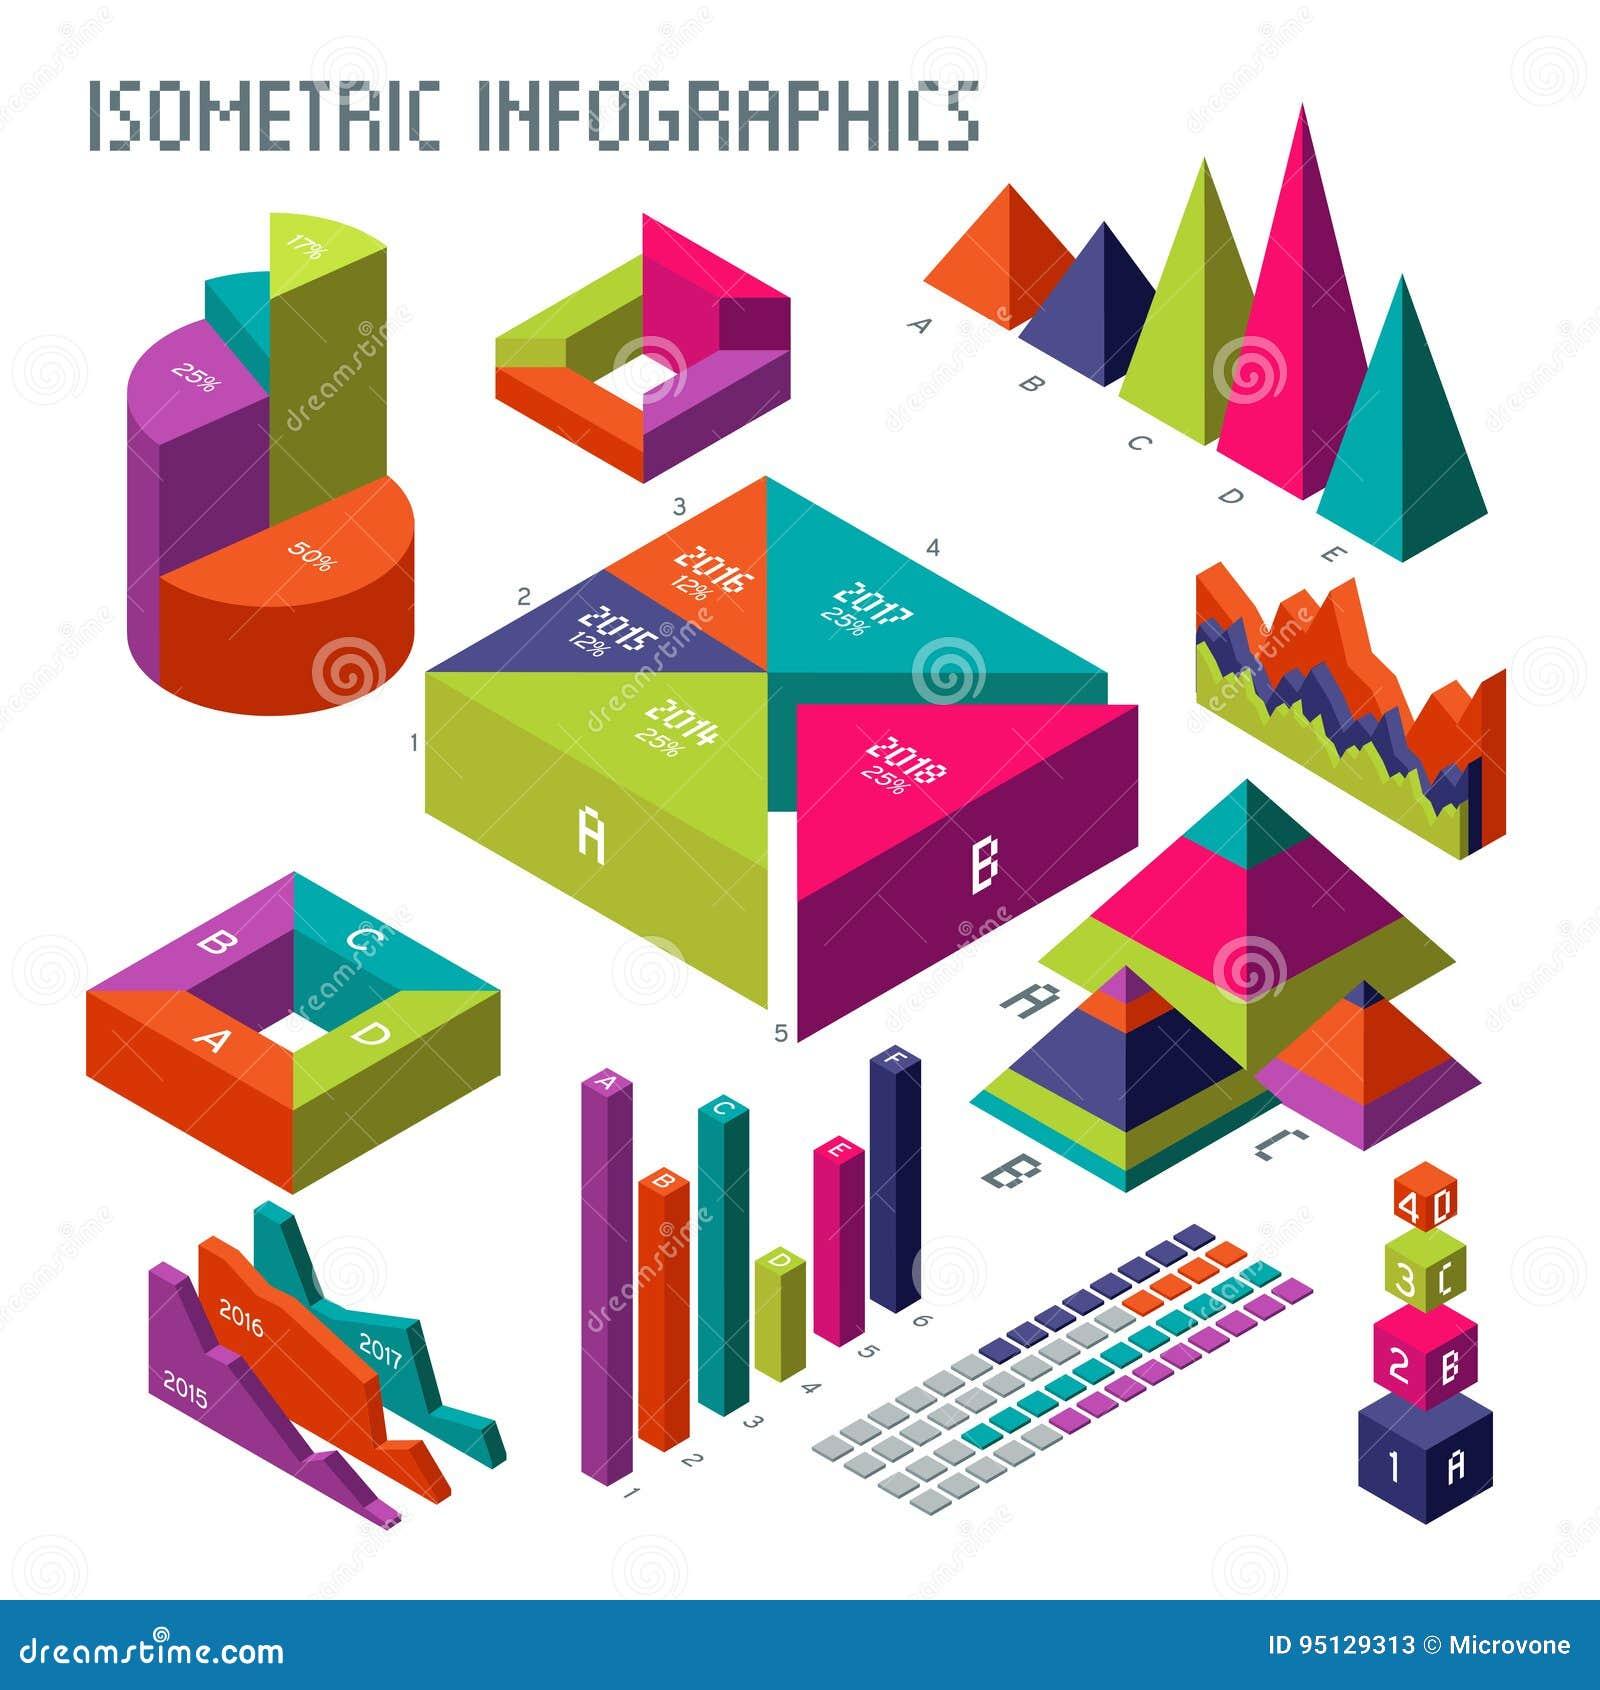 等量3d传染媒介用图解法表示并且注标infographic的供参考和企业介绍